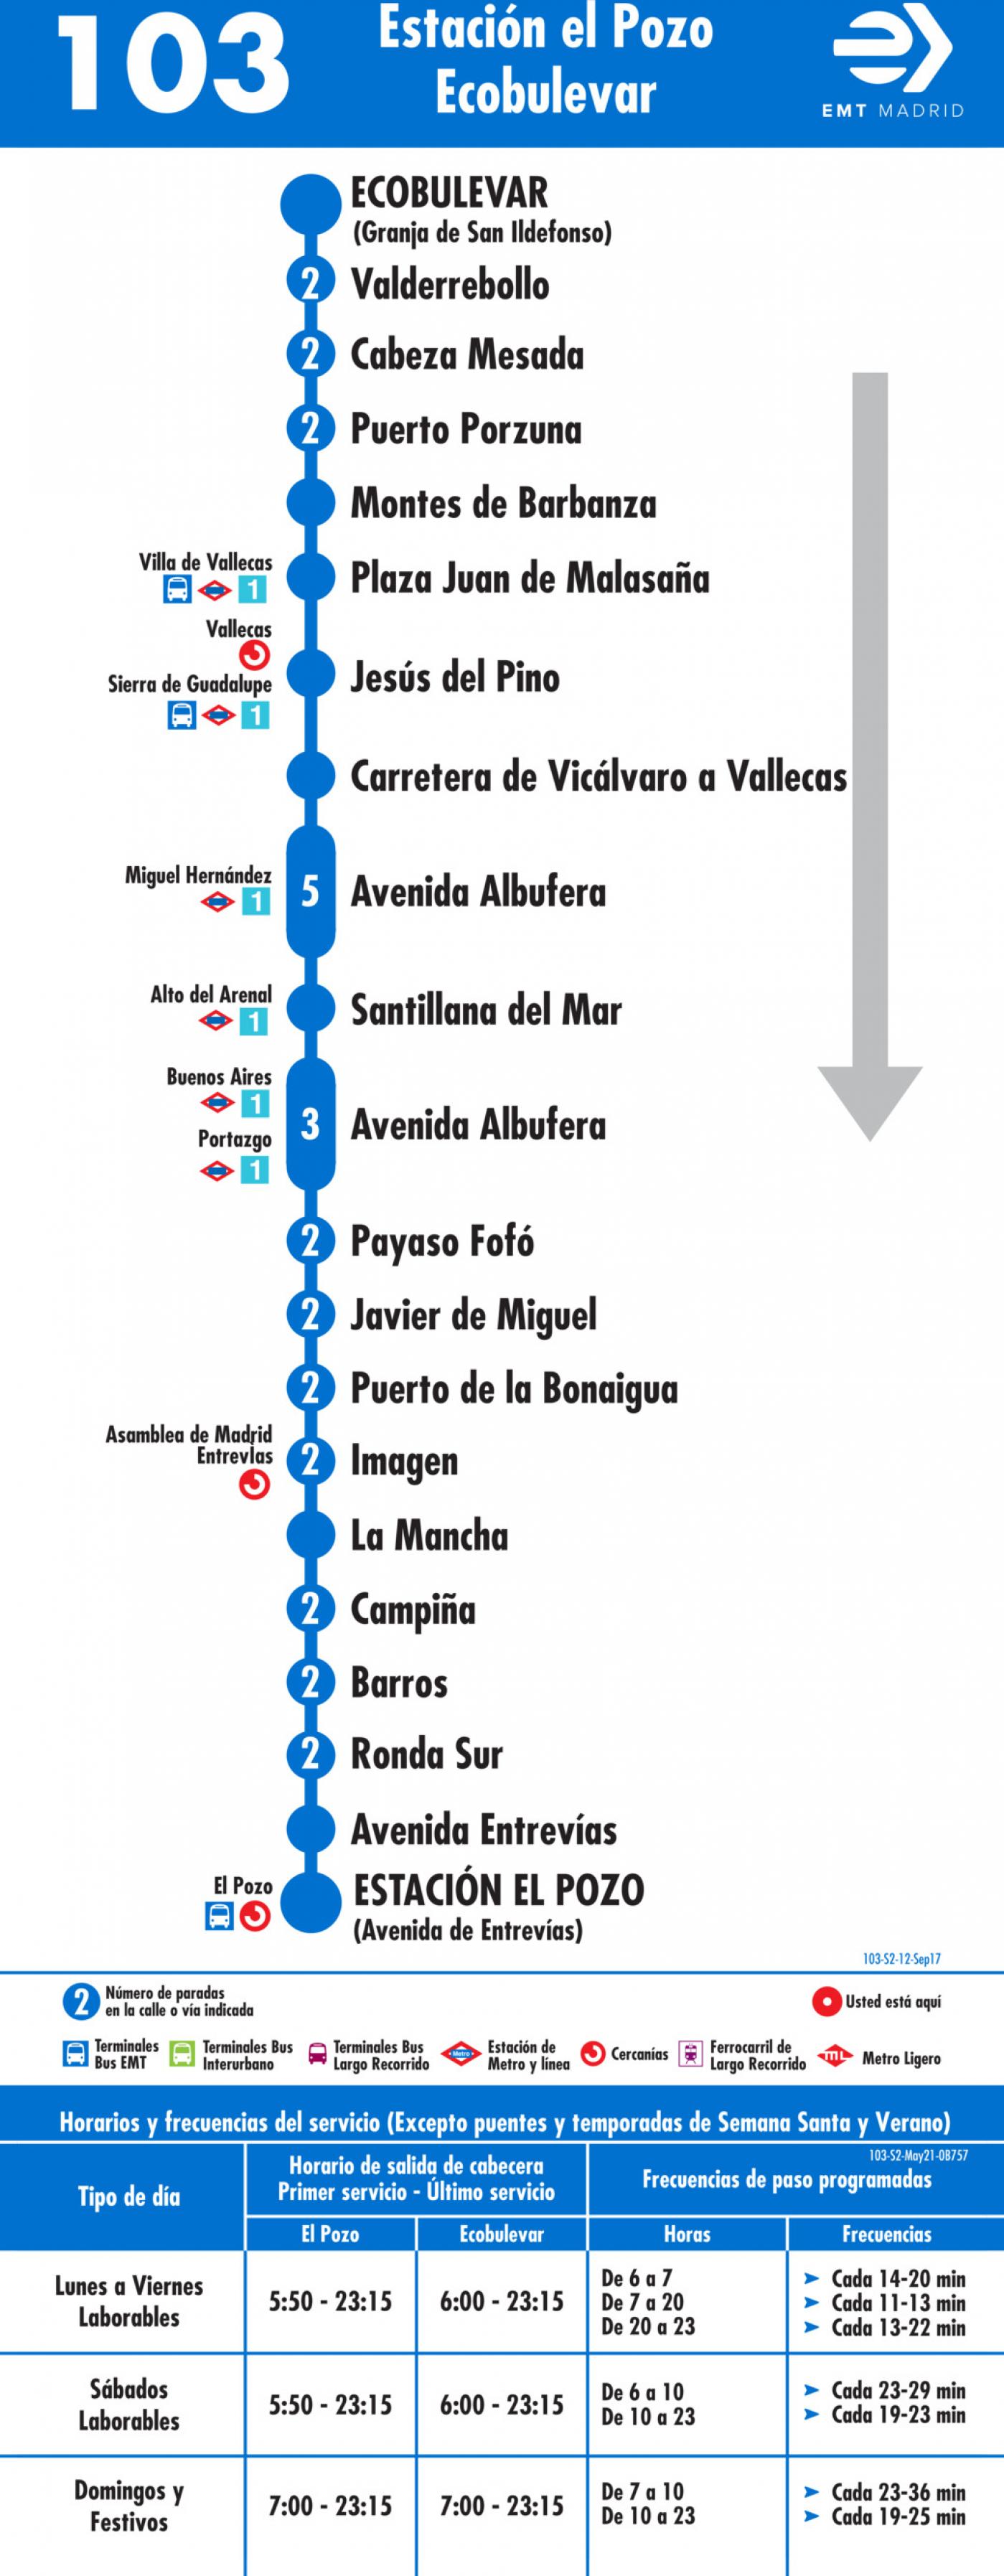 Tabla de horarios y frecuencias de paso en sentido vuelta Línea 103: Entrevías - Ecobulevar